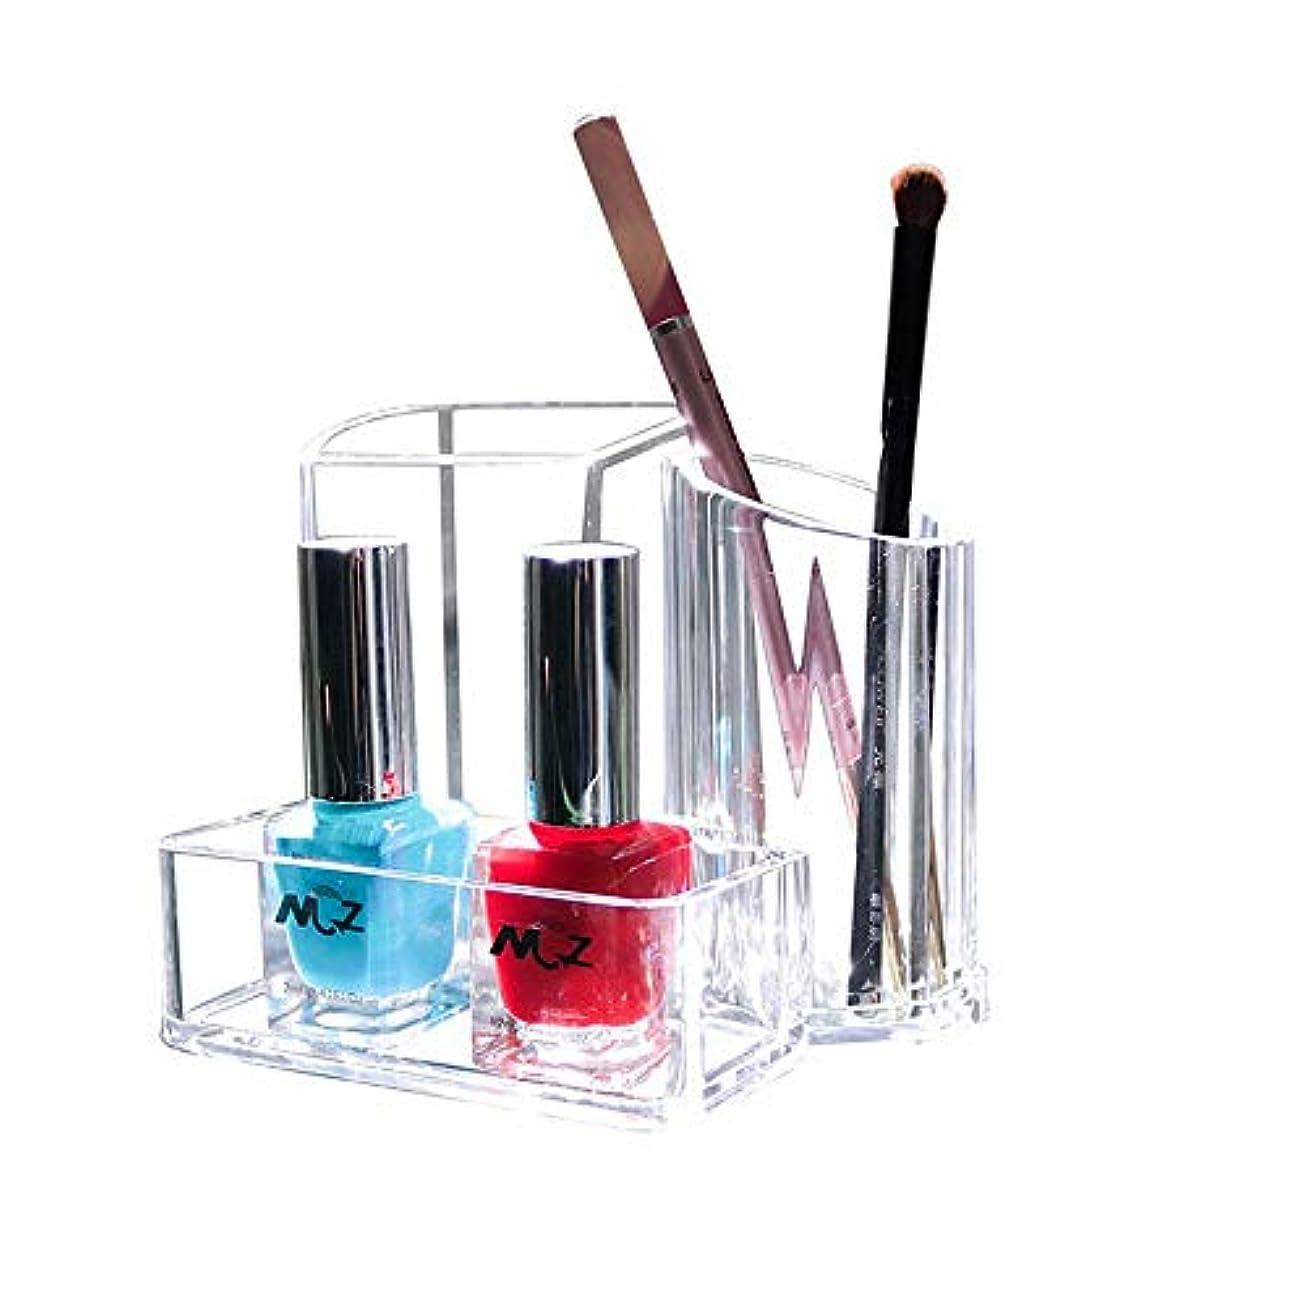 コイル南極ポーン整理簡単 シンプルクリアアクリル口紅&ブラシホルダー収納ディスプレイスタンド化粧スタンドラックホルダーオーガナイザー化粧ケース (Color : Clear, Size : 13.2*9.5*10.8CM)